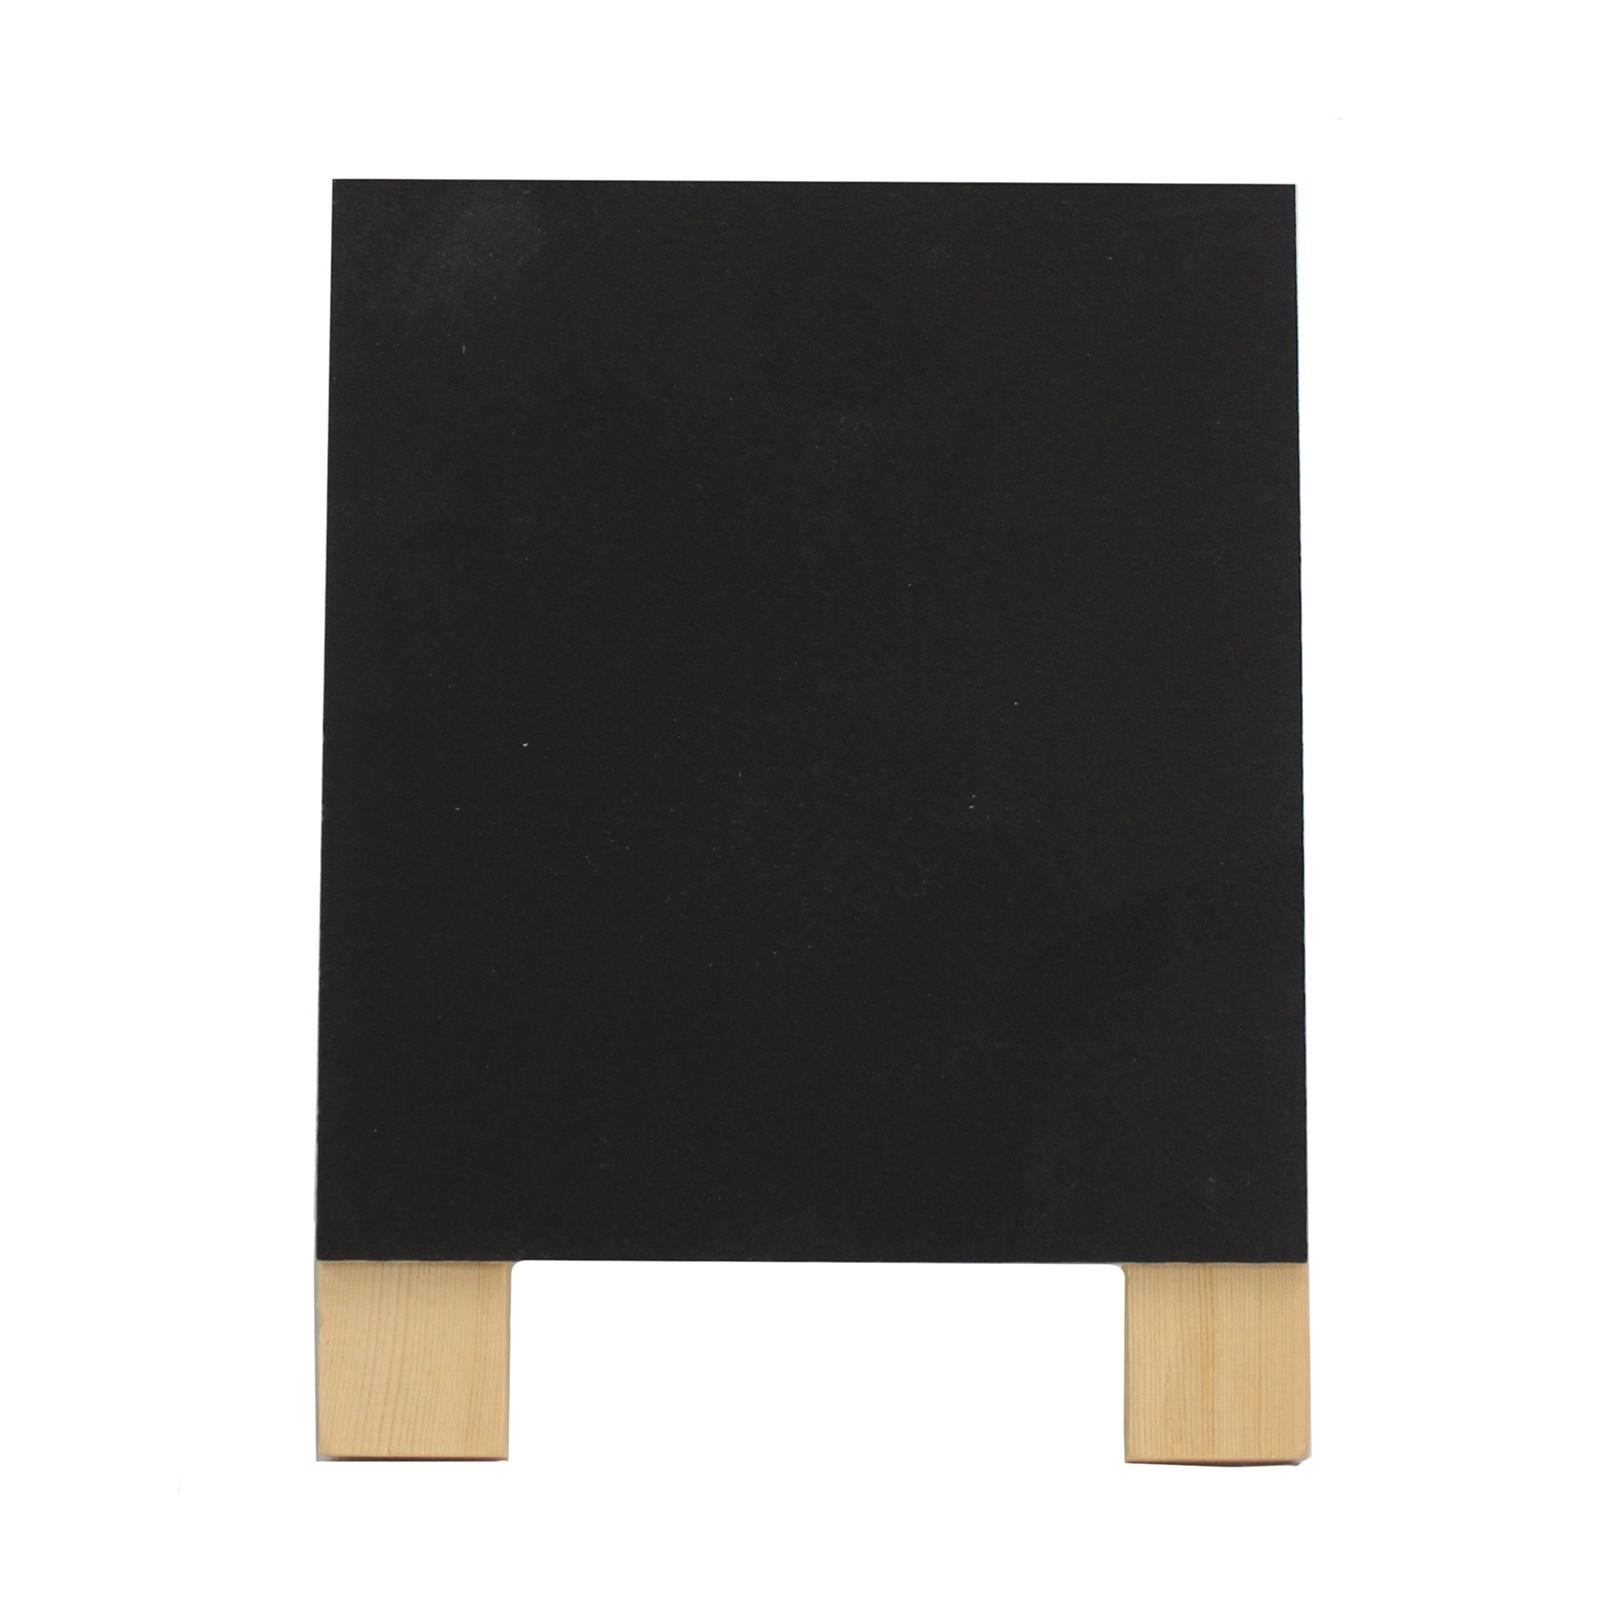 Small Mini Blackboards 13x10cm